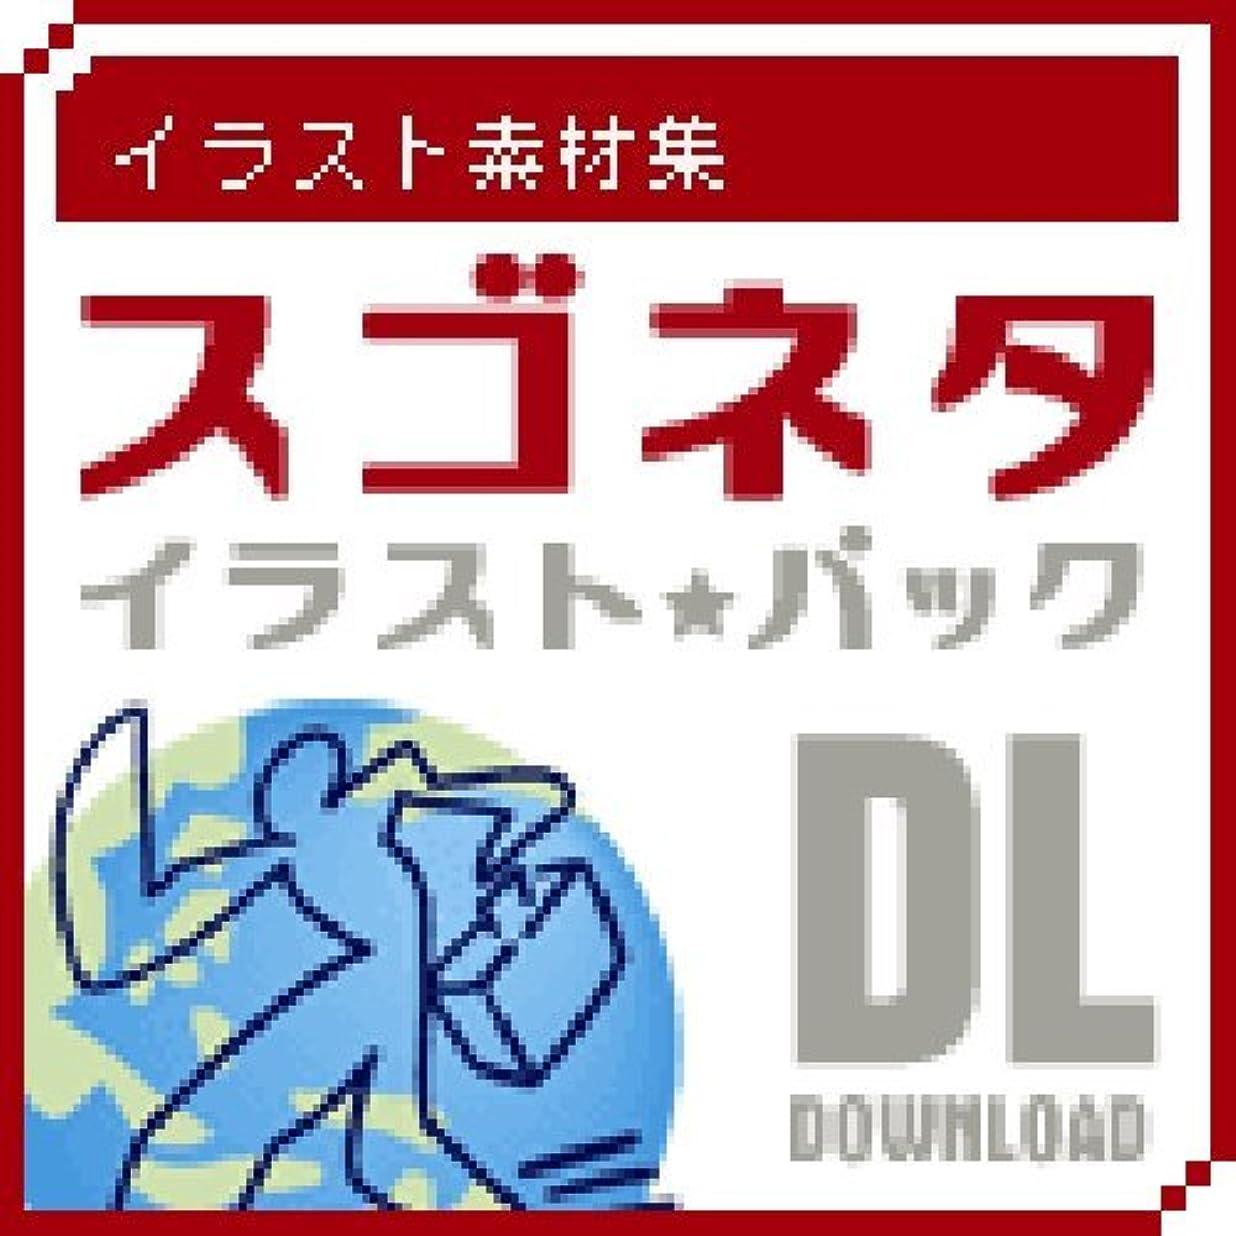 マイナス腸エコーイラスト素材集 スゴネタイラストパック 食材 DL [ダウンロード]